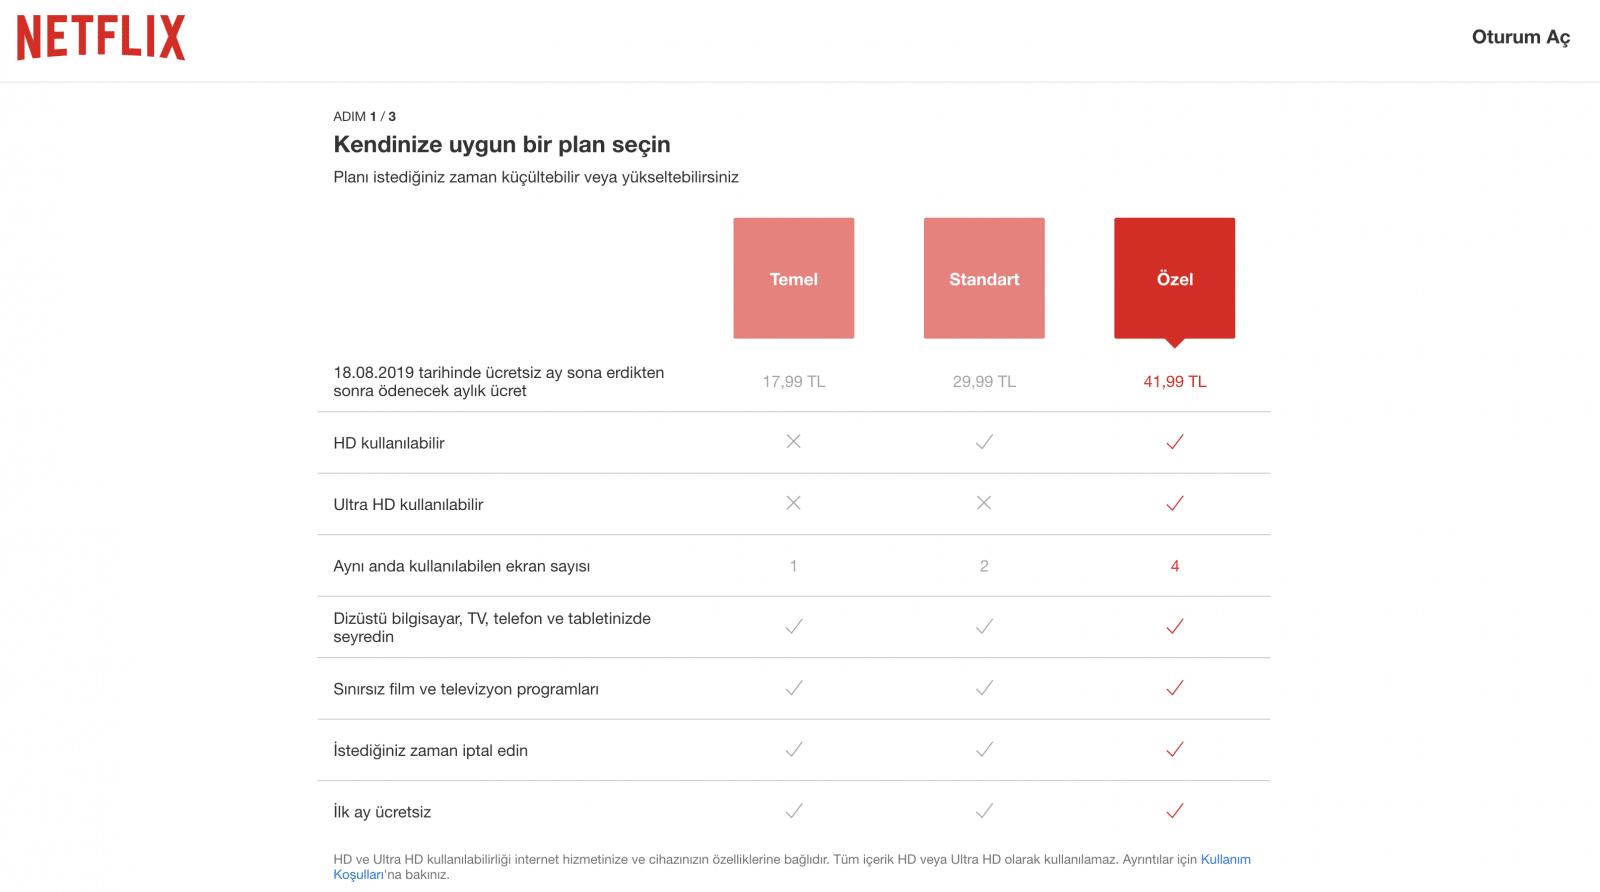 Netflix Sadece Mobil Cihazlarda Kullanilabilen Paketini Duyurdu 2